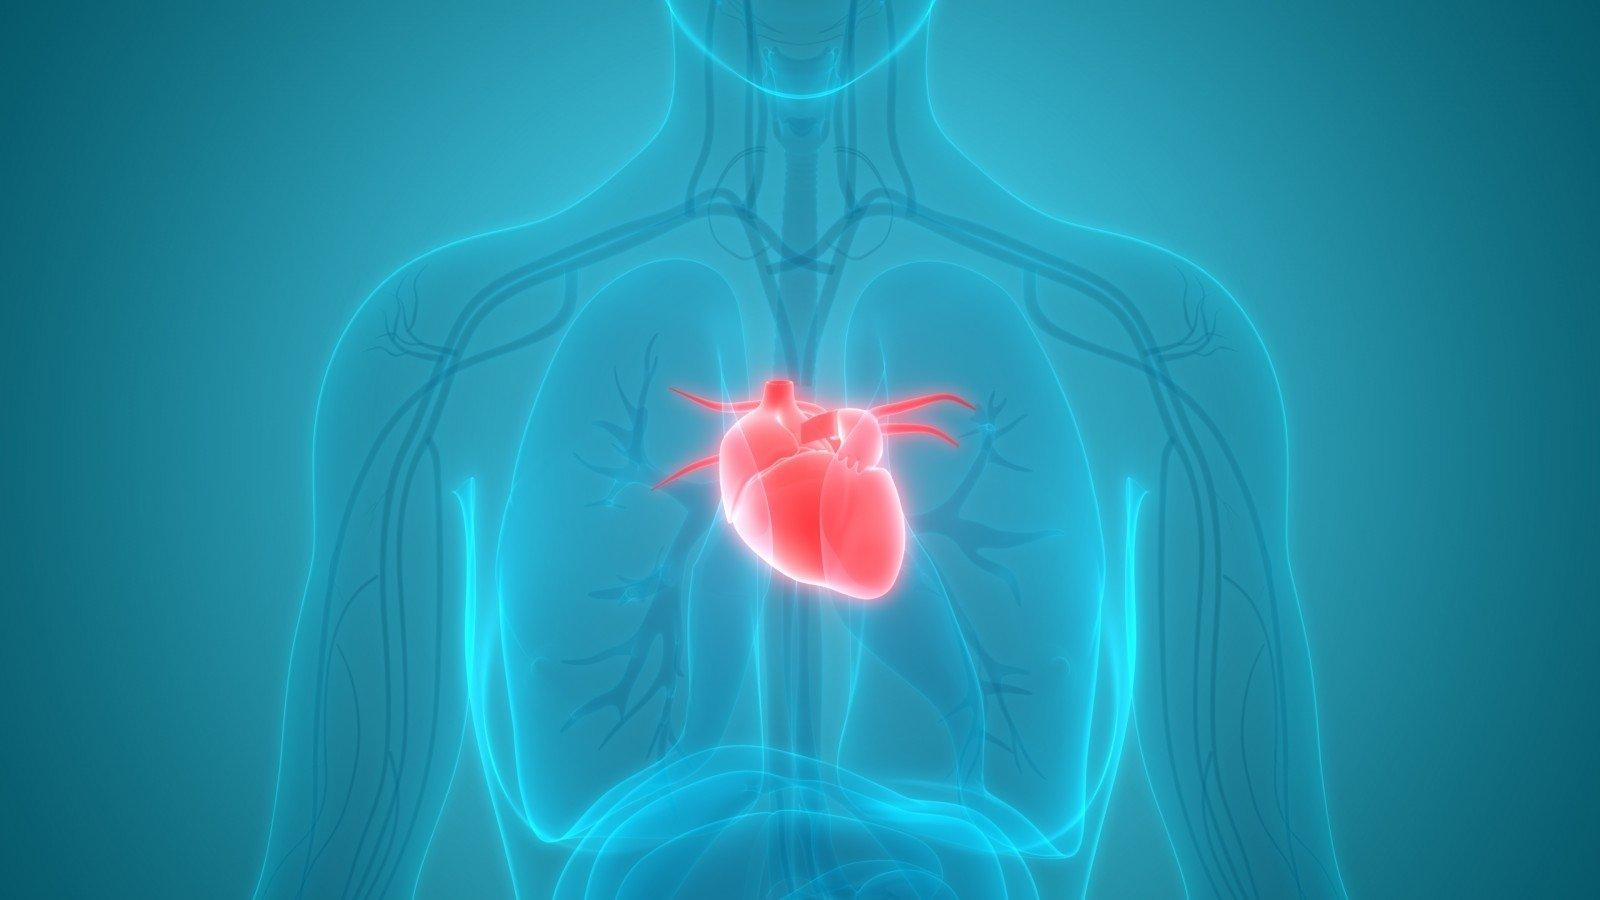 vasaros širdies sveikatos patarimai hipertenzijos magnio preparatai